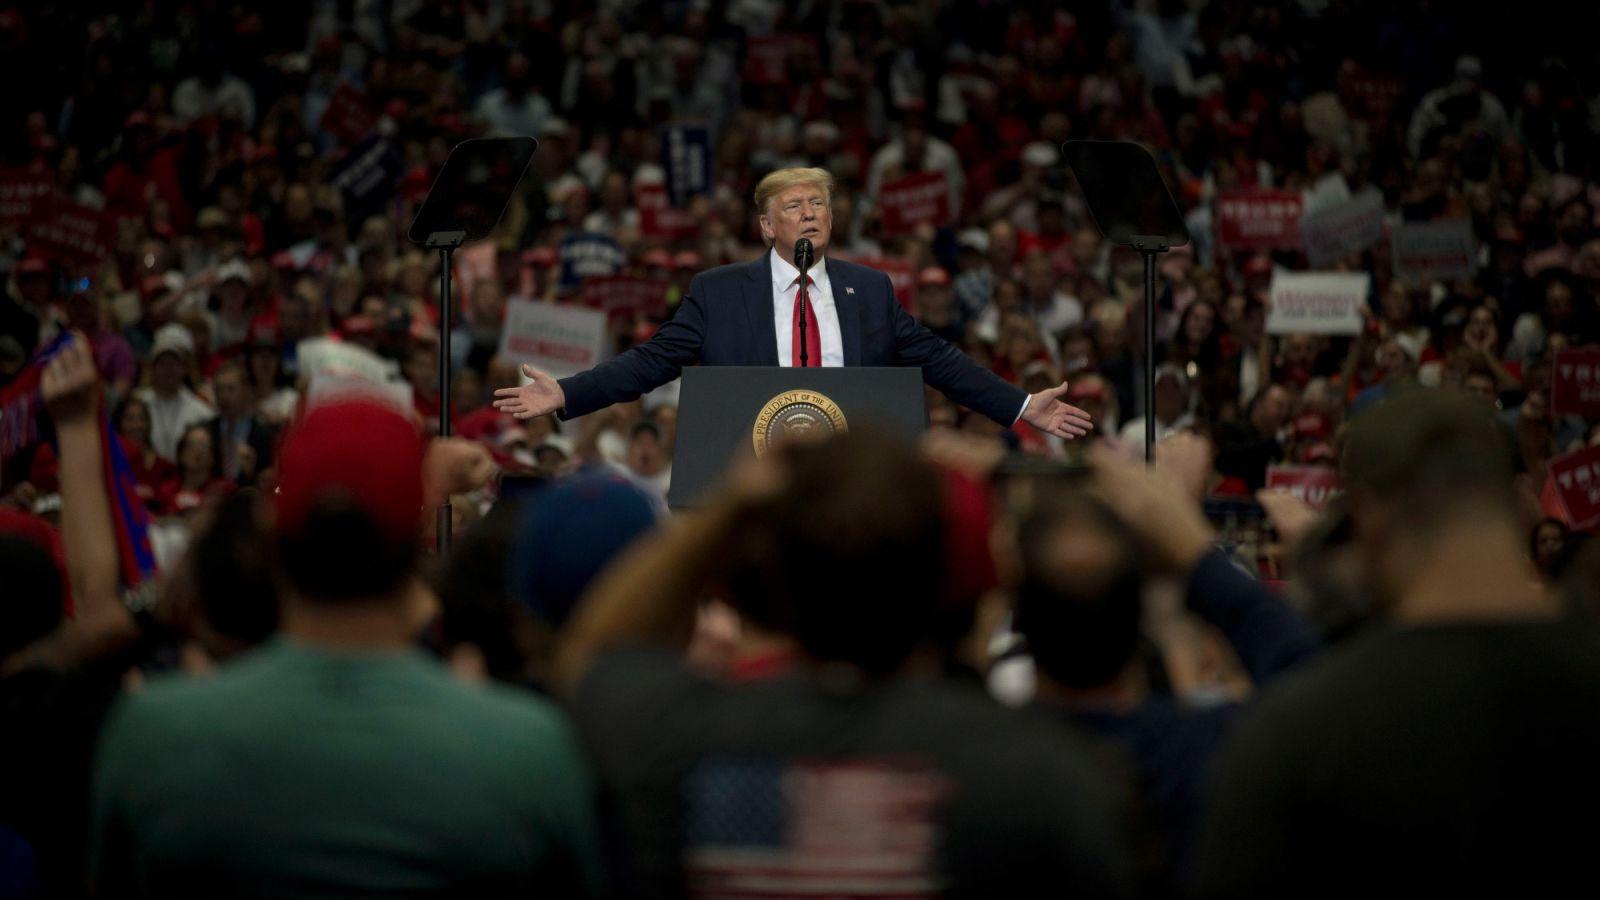 Inside Trump's rally in Dallas